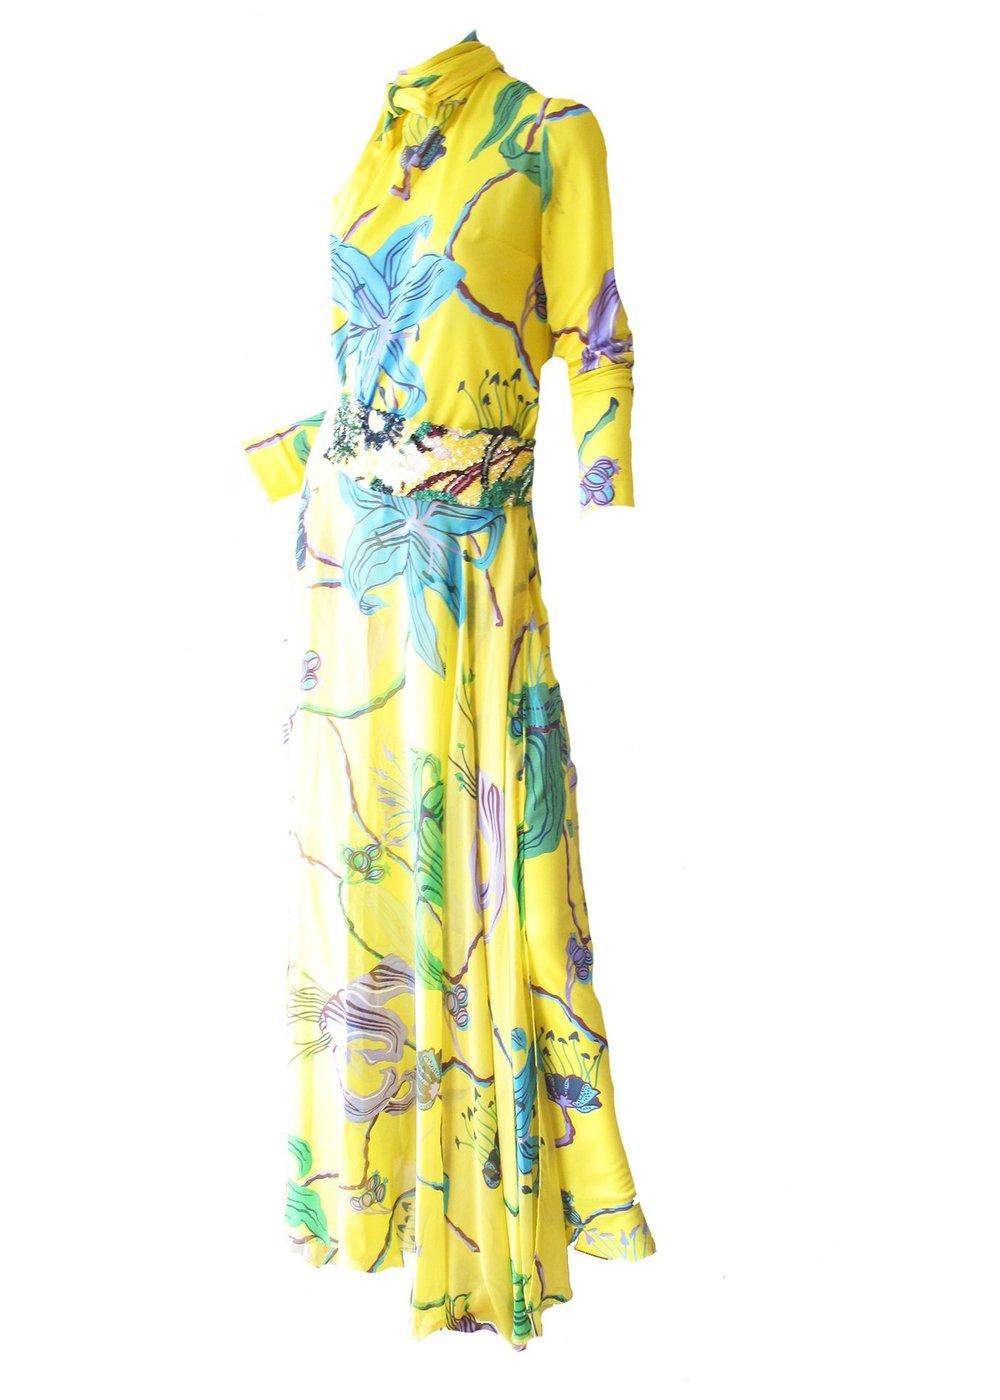 LA MENDOLA Vintage Gown at ARCHIVE VINTAGE